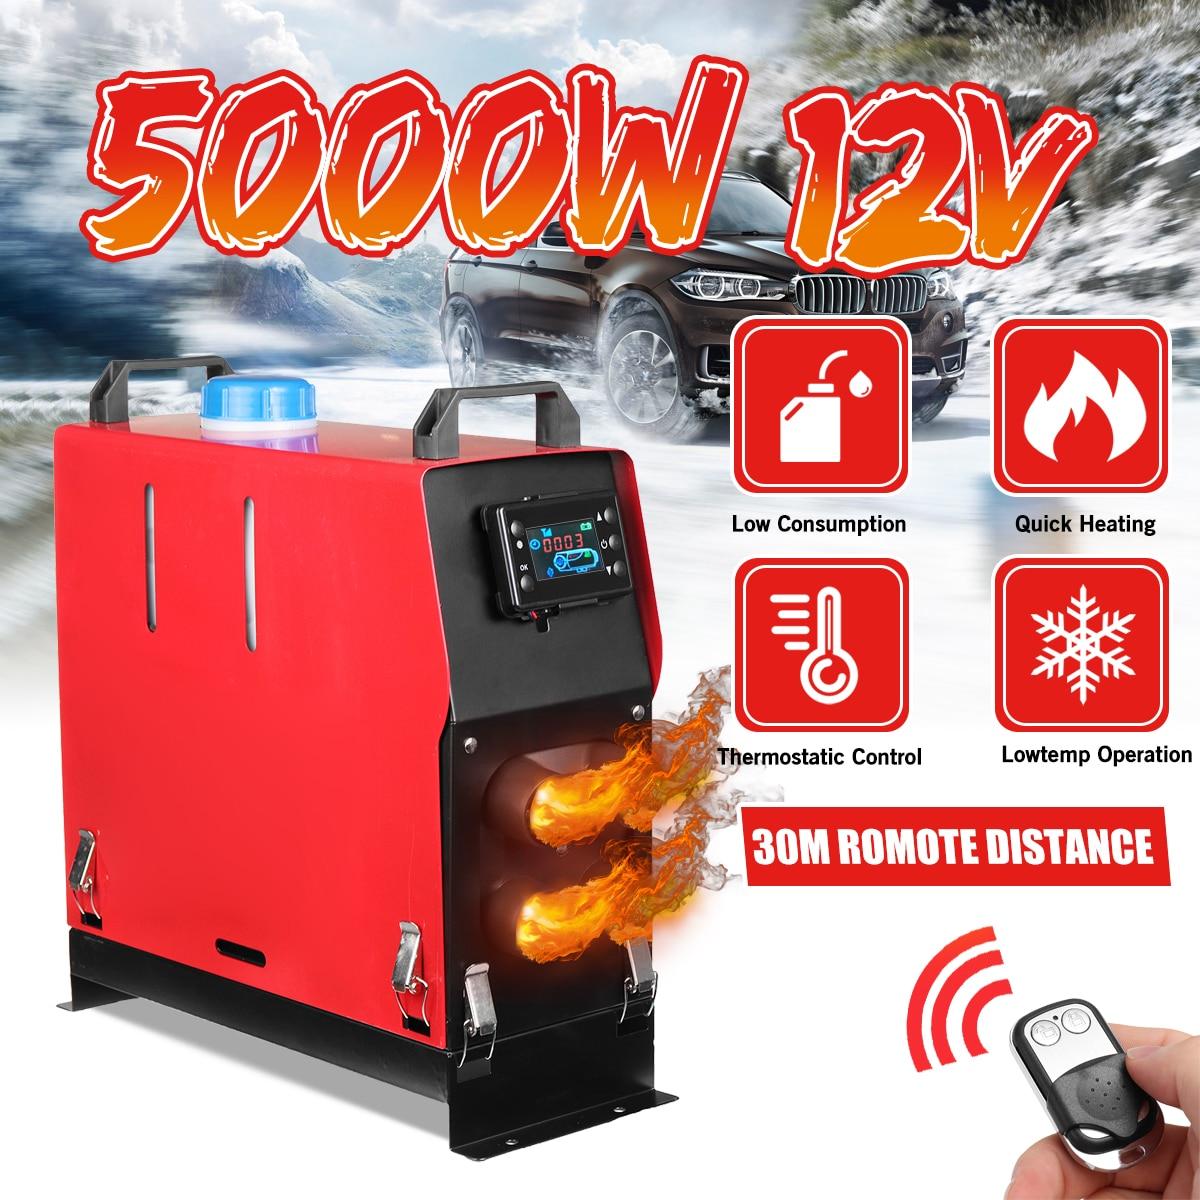 Tudo em um 5000 w ar diesel aquecedor de estacionamento 5kw 12 v aquecedor de carro para caminhões motor-casas barcos ônibus + lcd chave + controle remoto